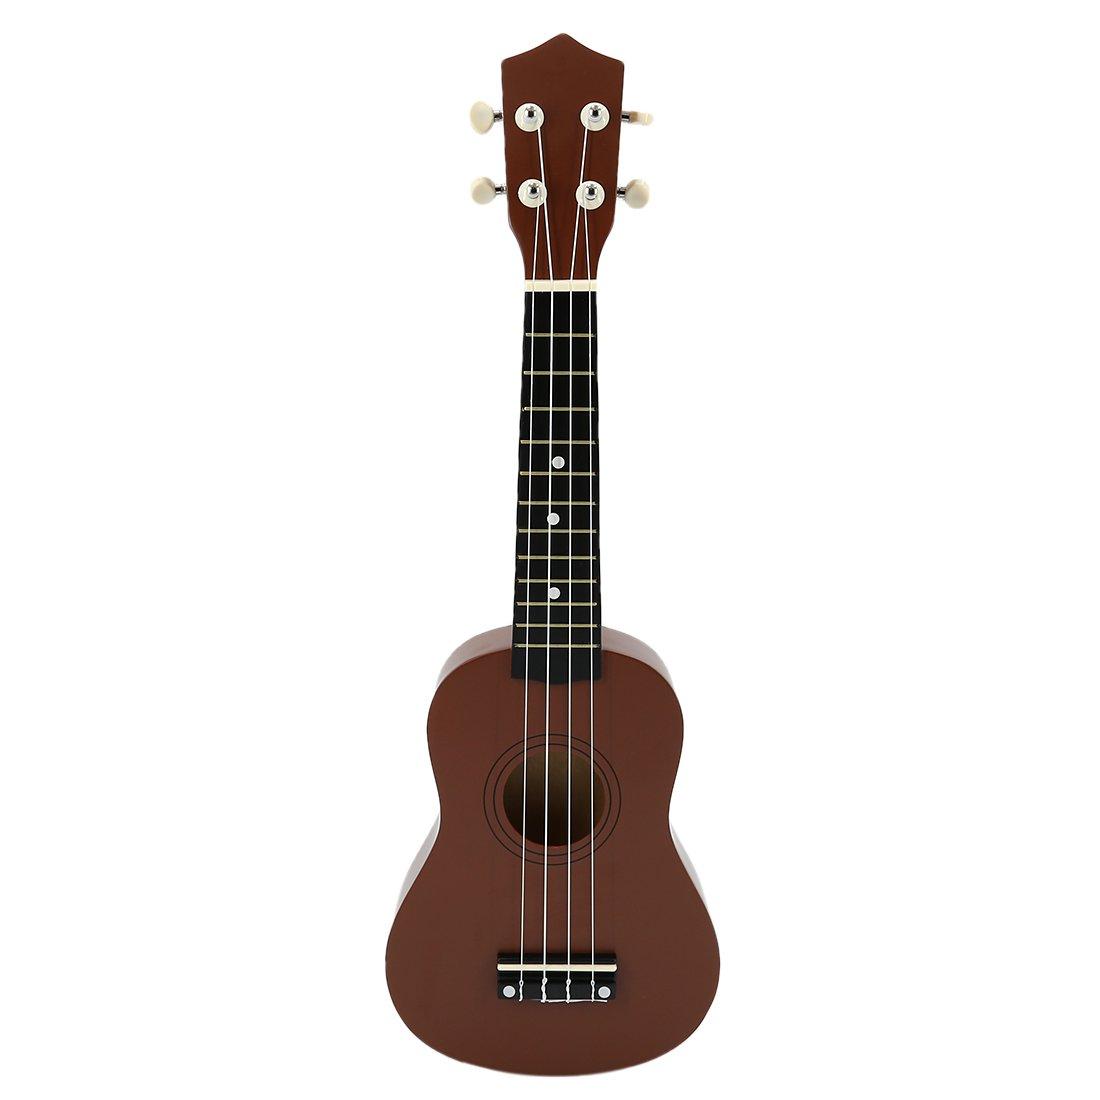 Giplar Pädagogisches Spielzeug Kleinkind Ukulele Spielzeug Gitarre Holz Für Erwachsene und Kinder